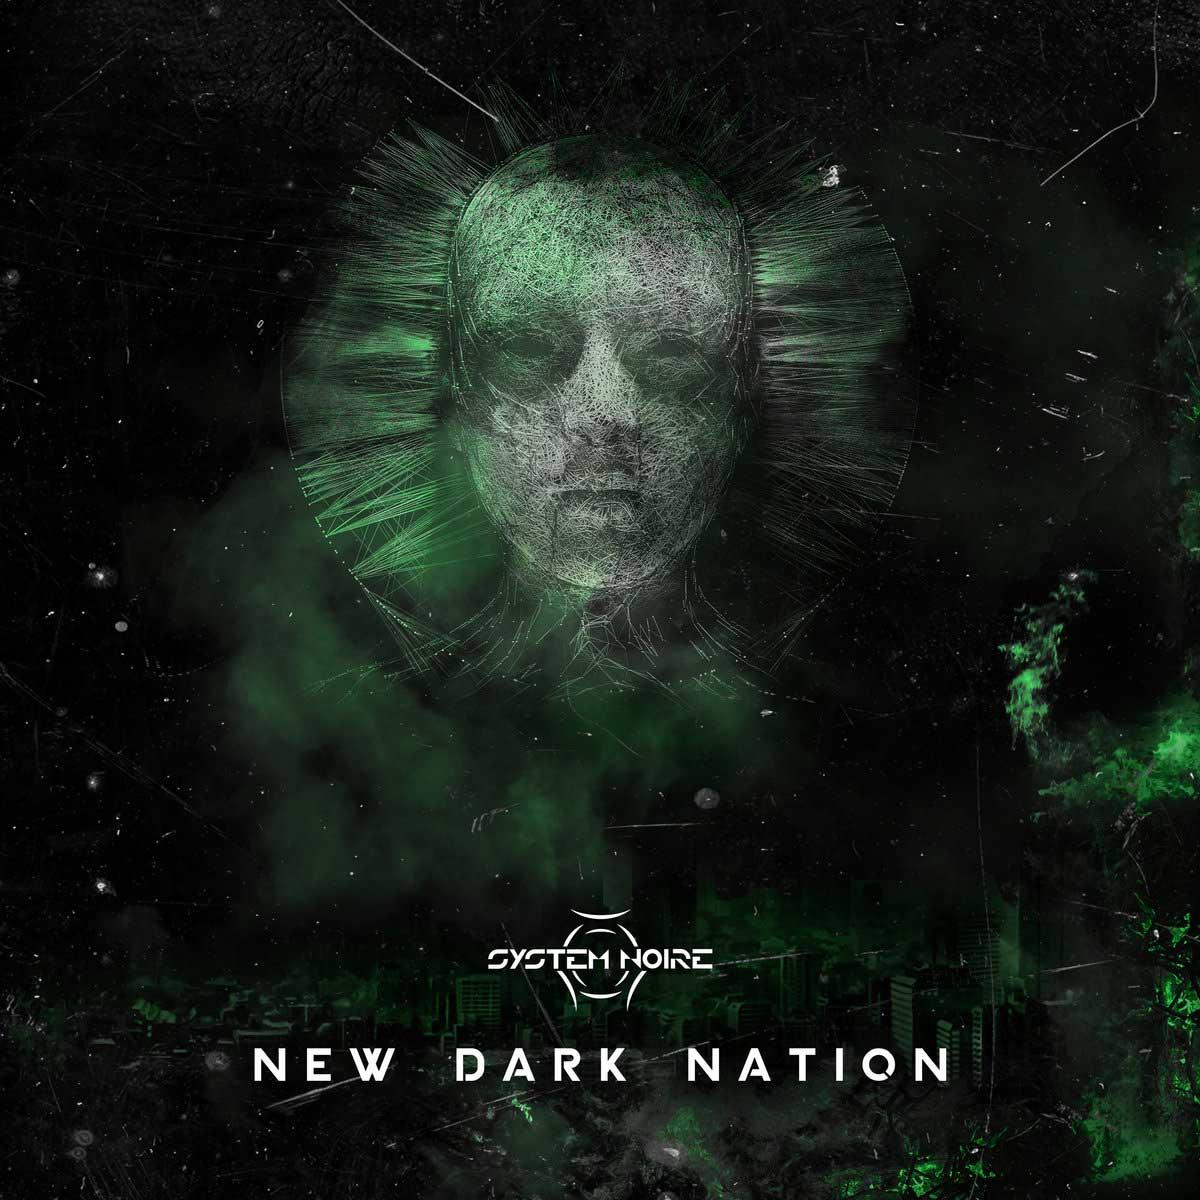 System Noire - New Dark Nation - System Noire - New Dark Nation